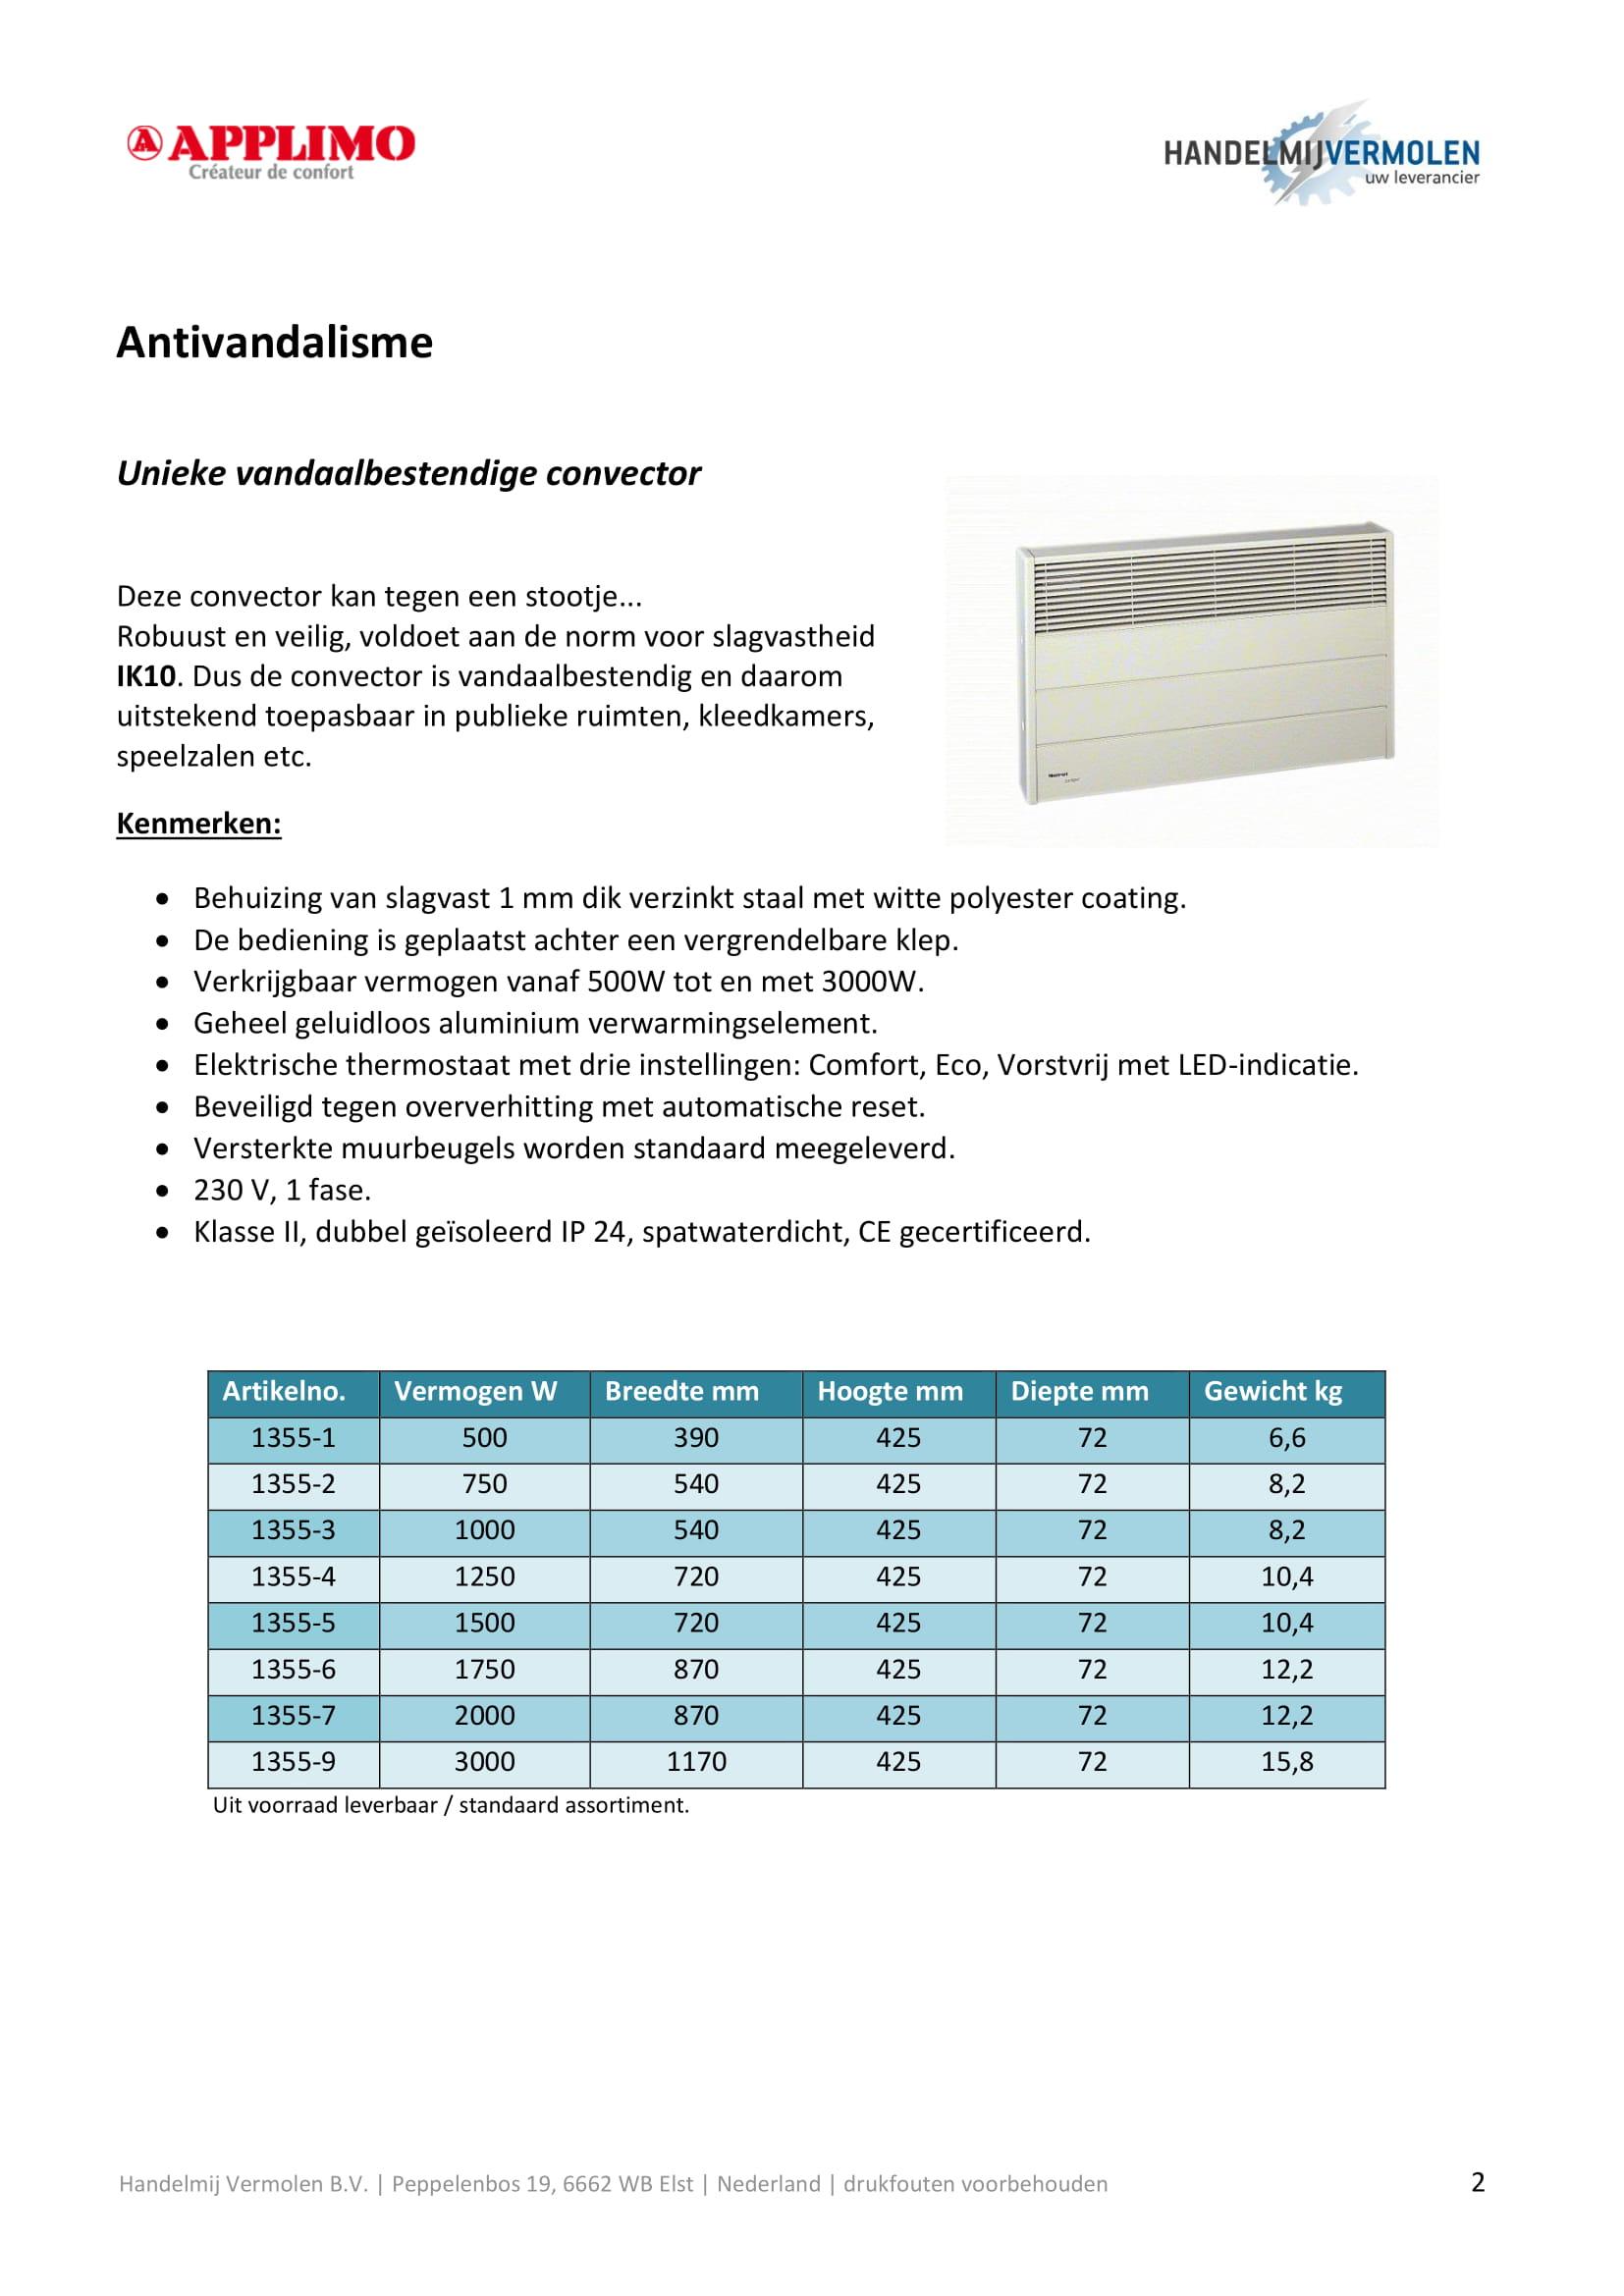 Applimo_productlijst_2021-04